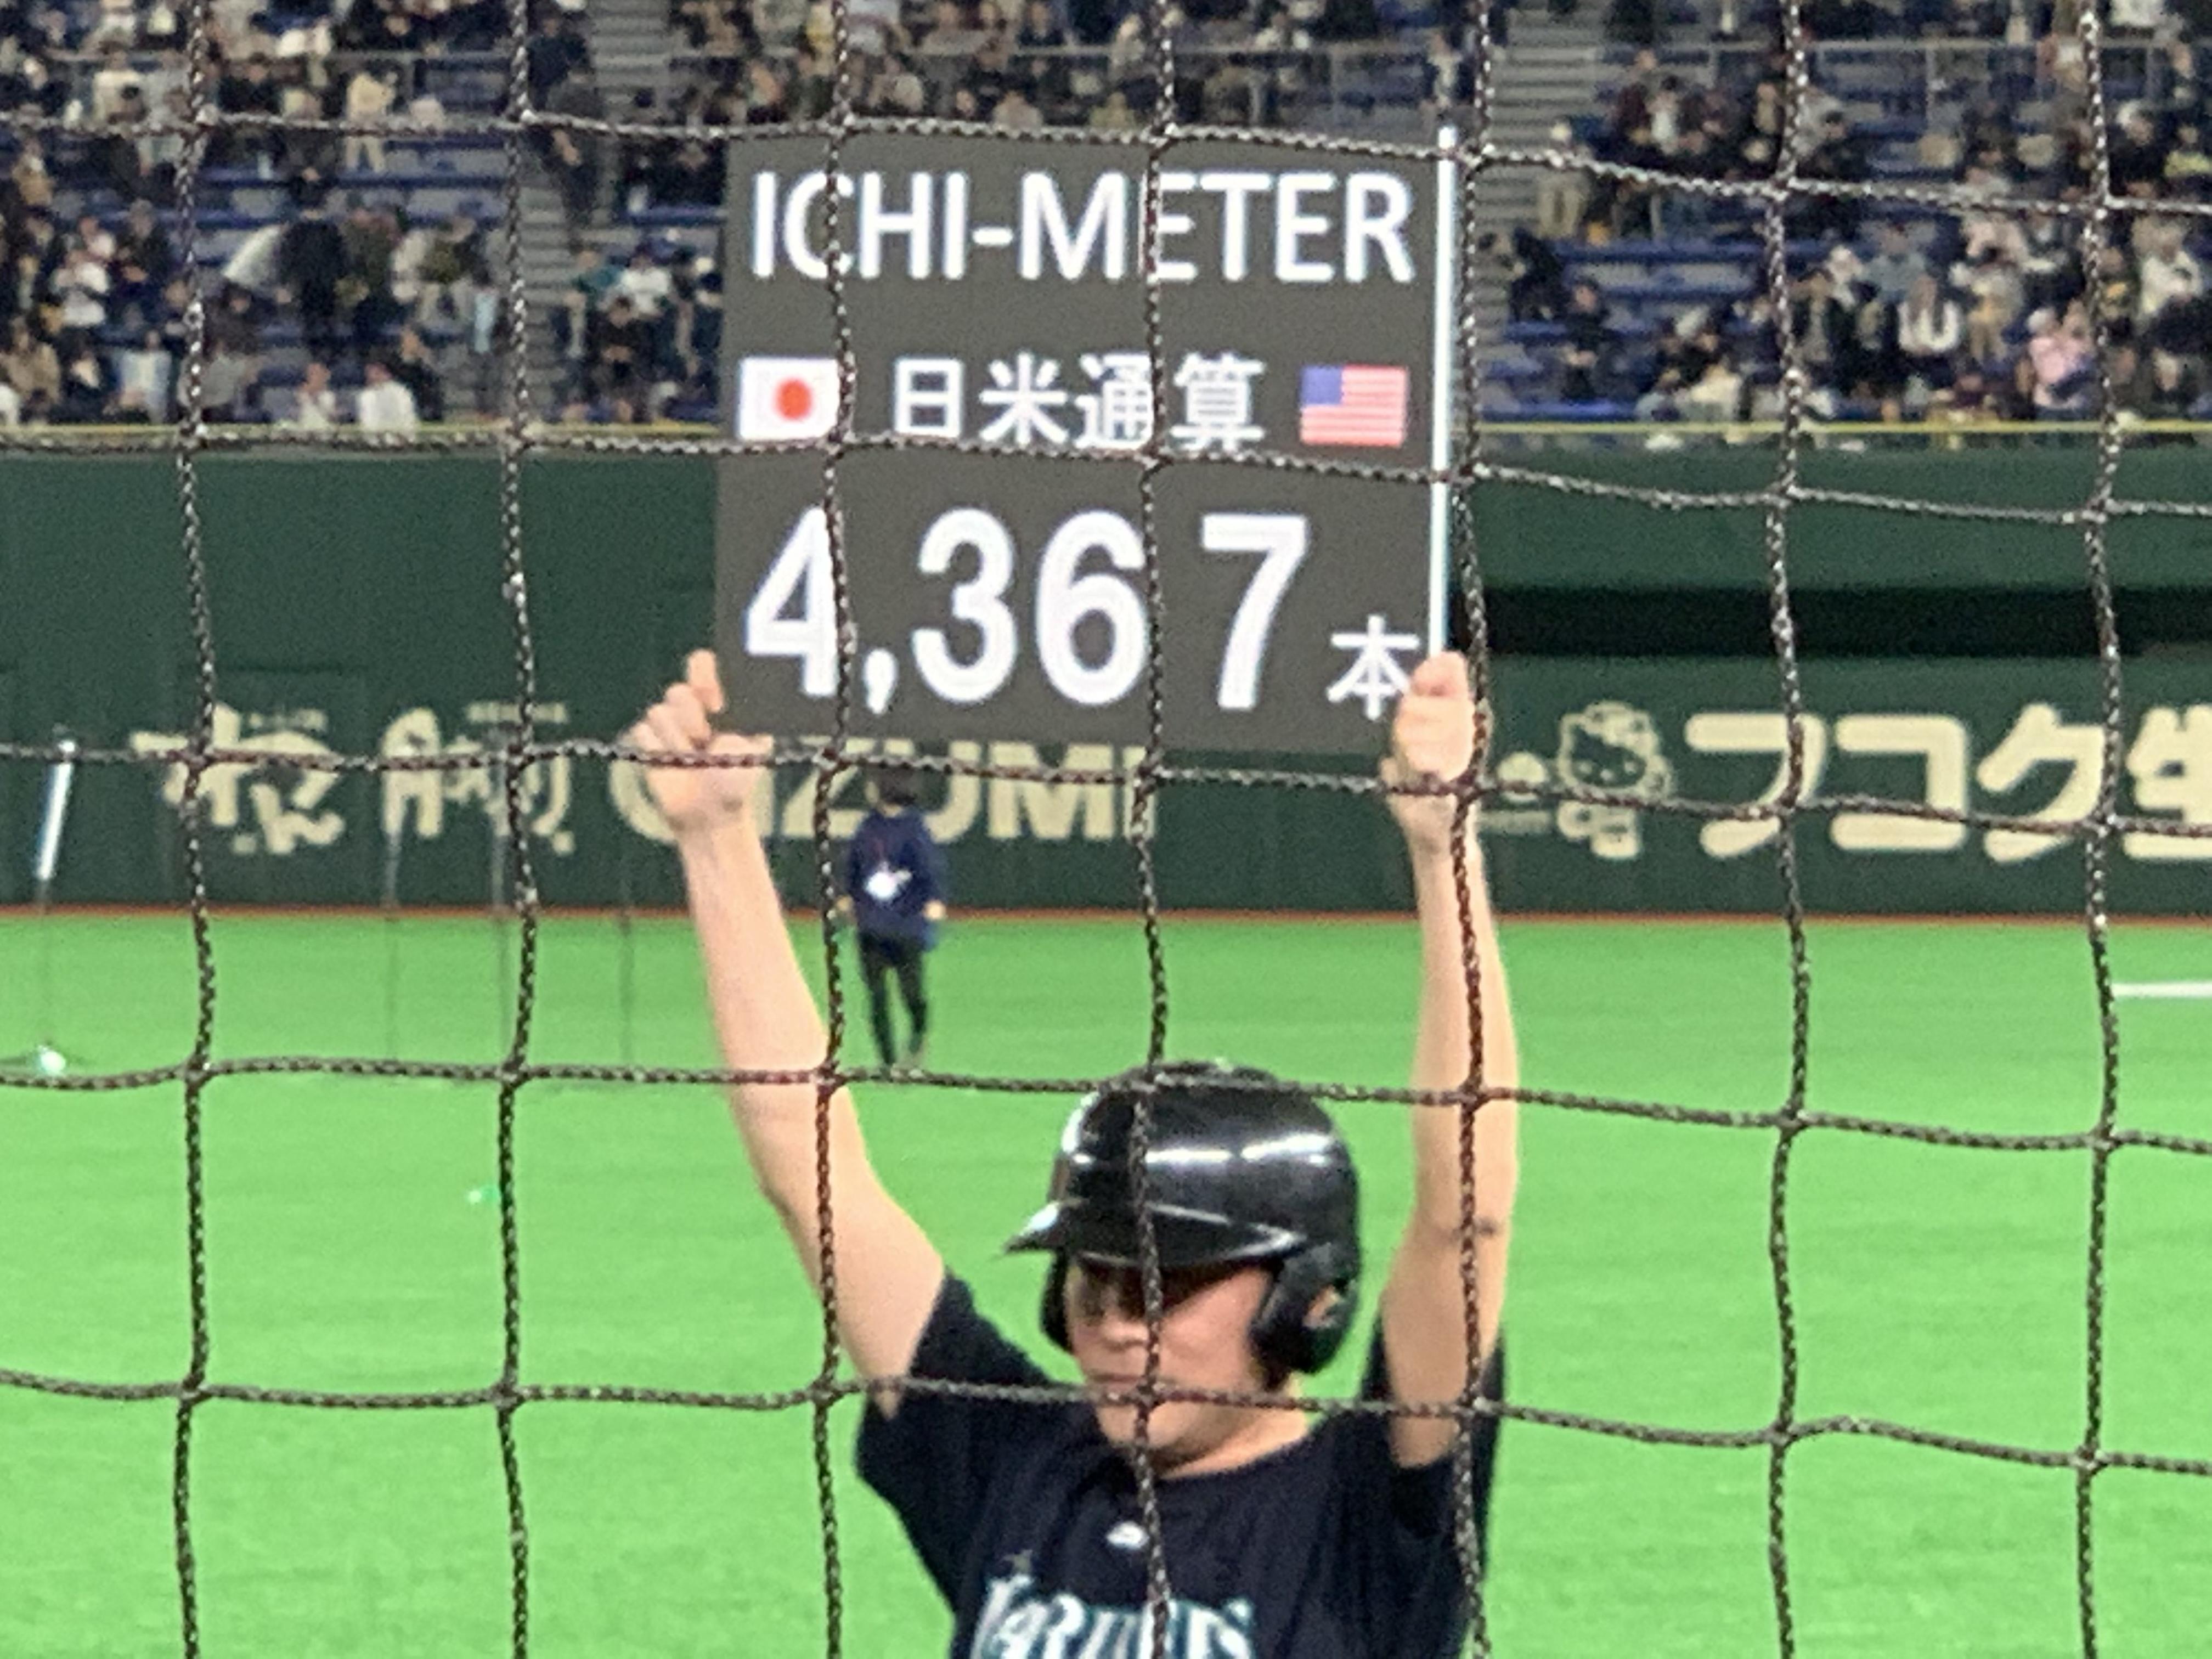 東京ドーム 3月20日 エイミーさんじゃない「イチメーター」